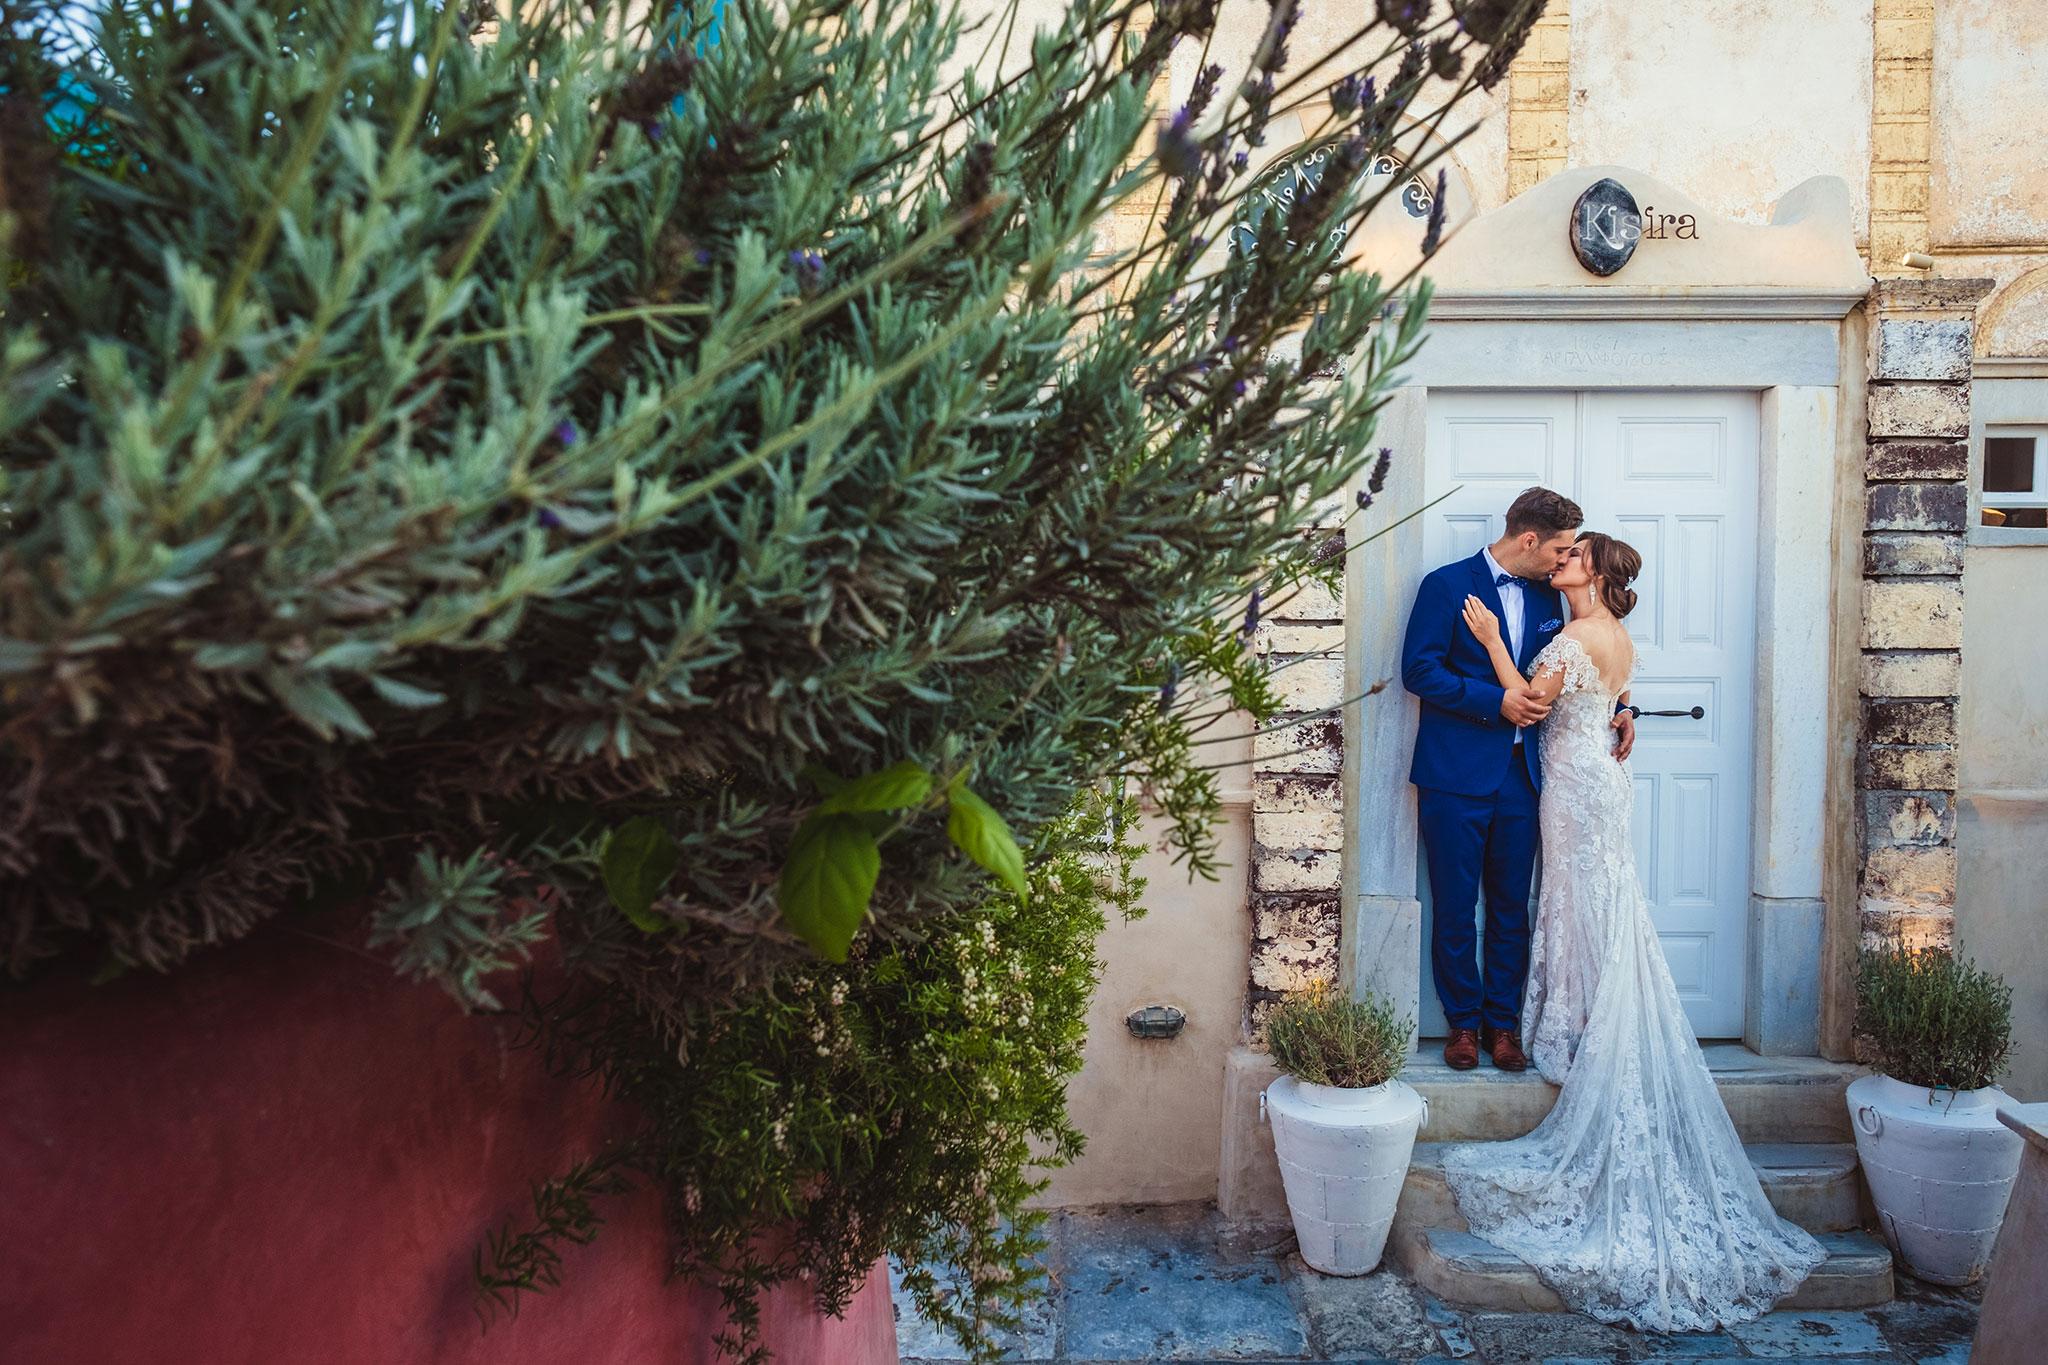 sesja ślubna wGrecji